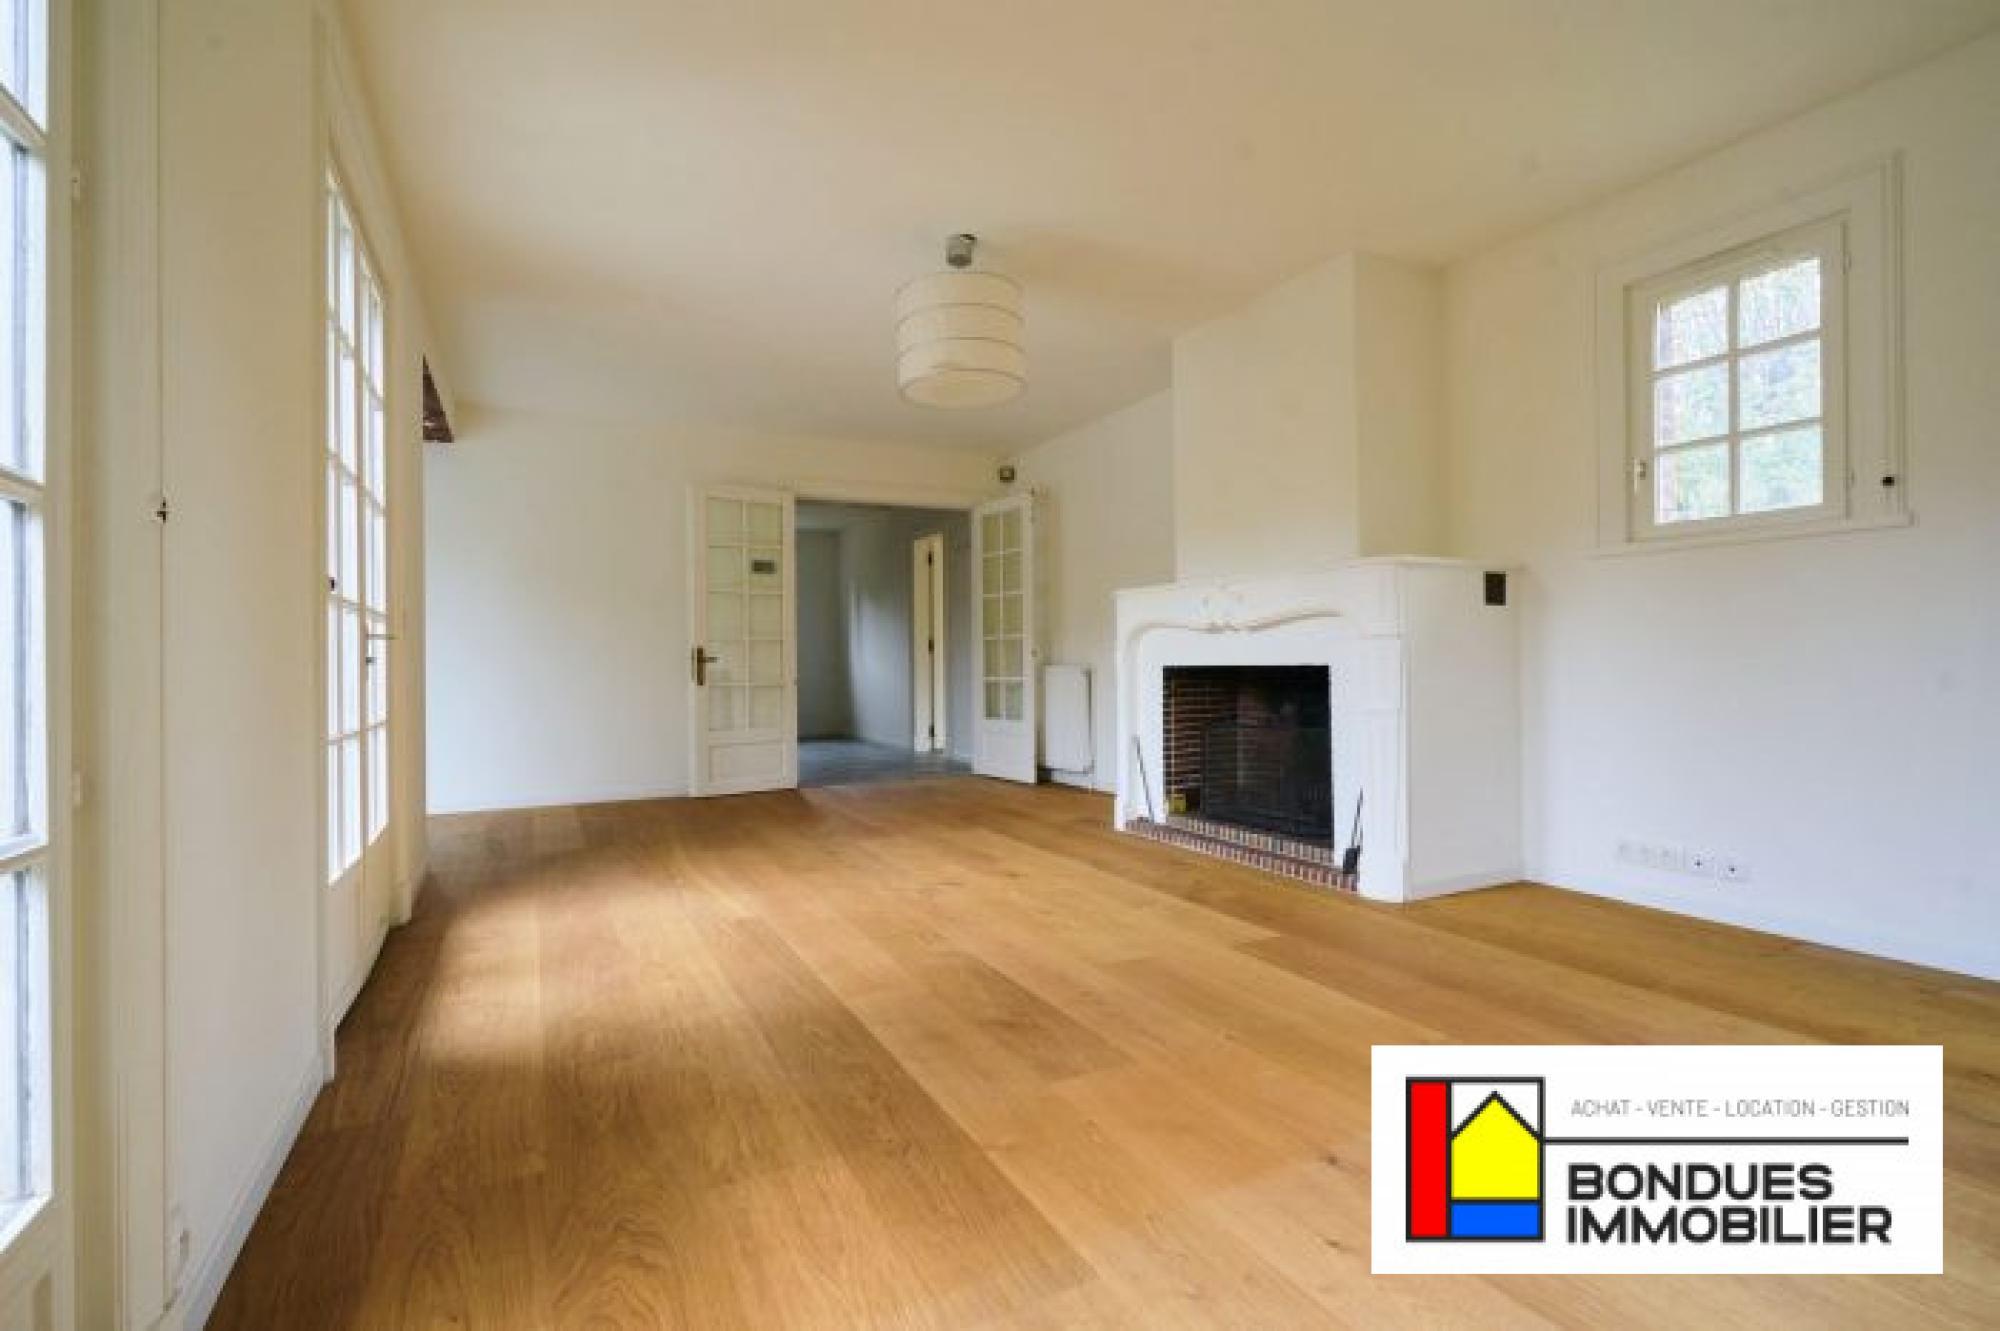 vente maison bondues refVM420 (3)